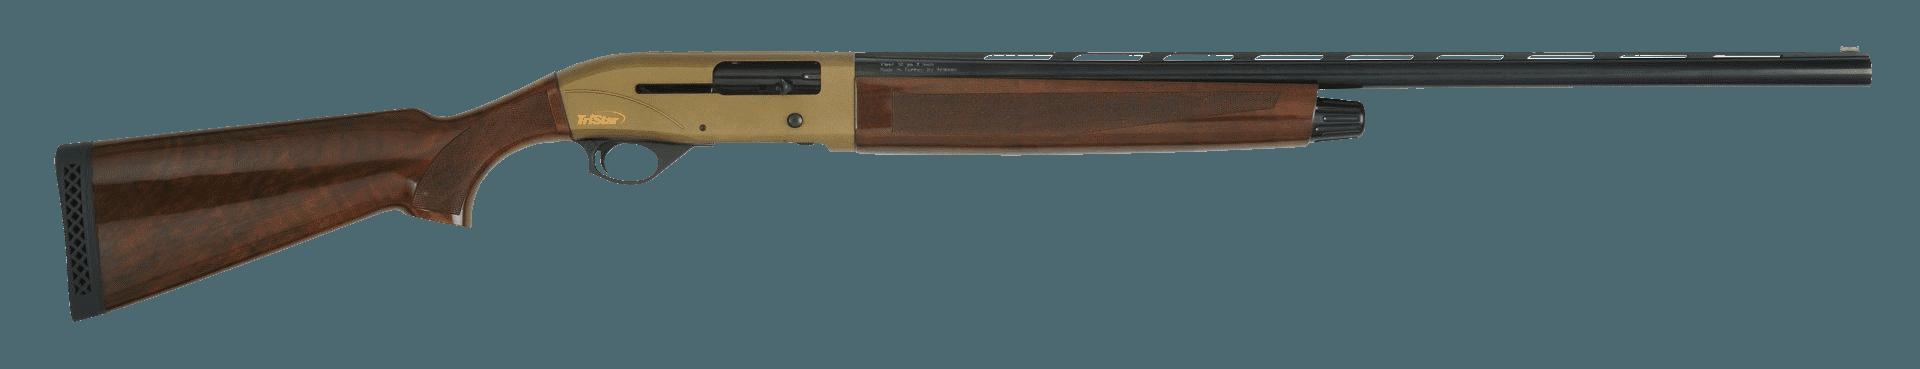 viper g2 shotgun